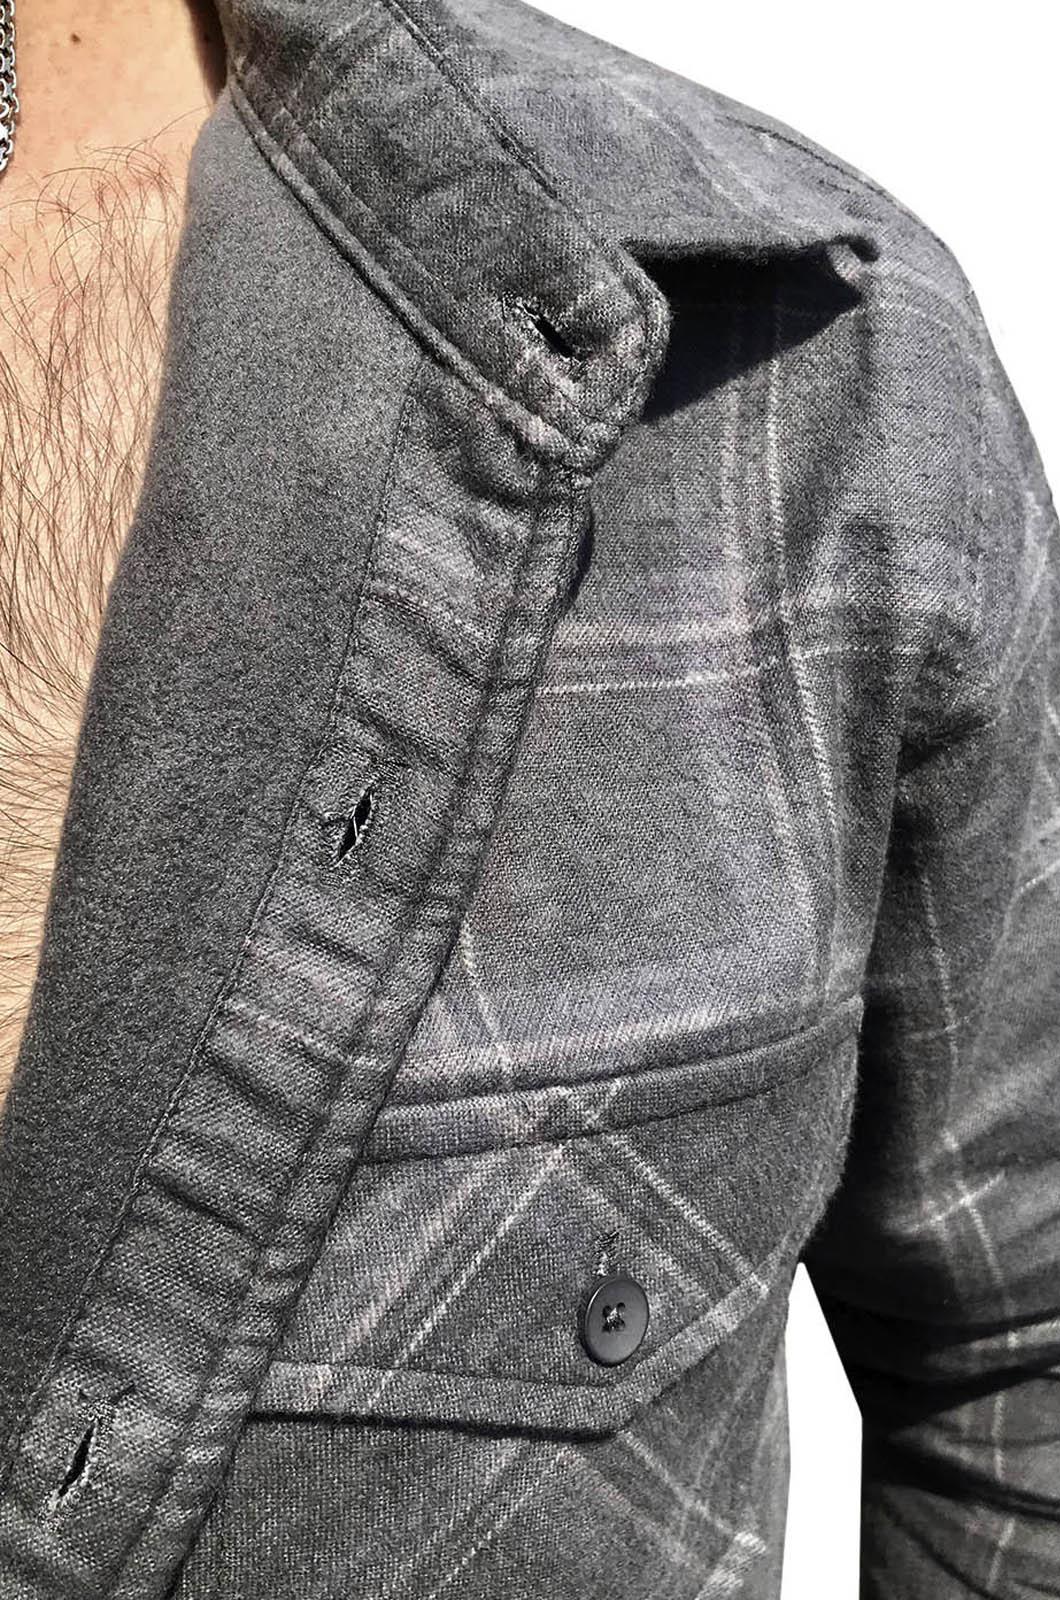 Надежная рубашка с вышитым шевроном Донской Казачьей - купить оптом